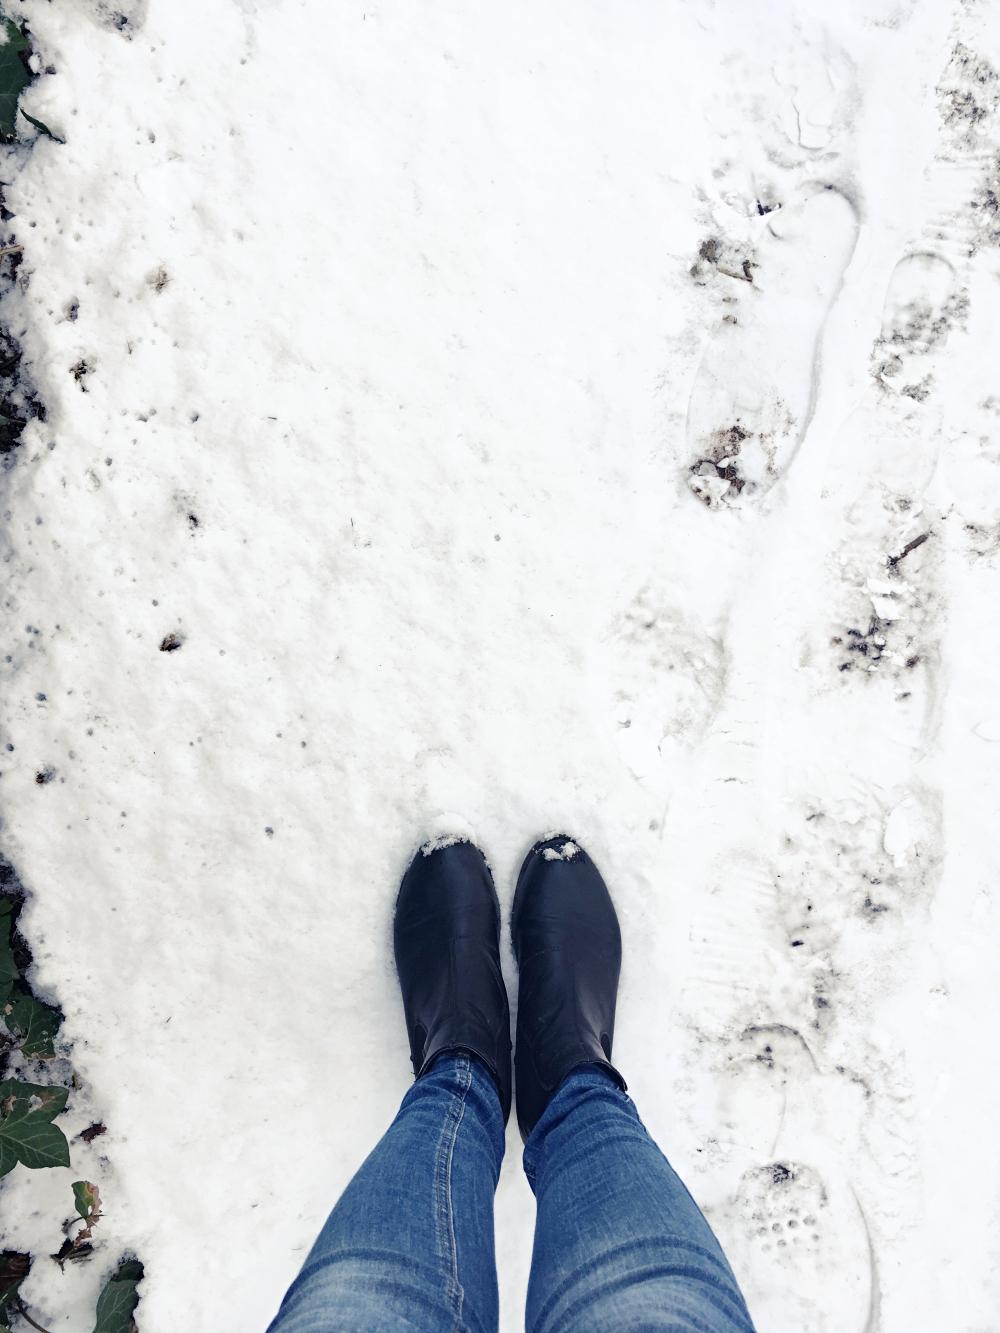 Den sista snön (om jag får bestämma)